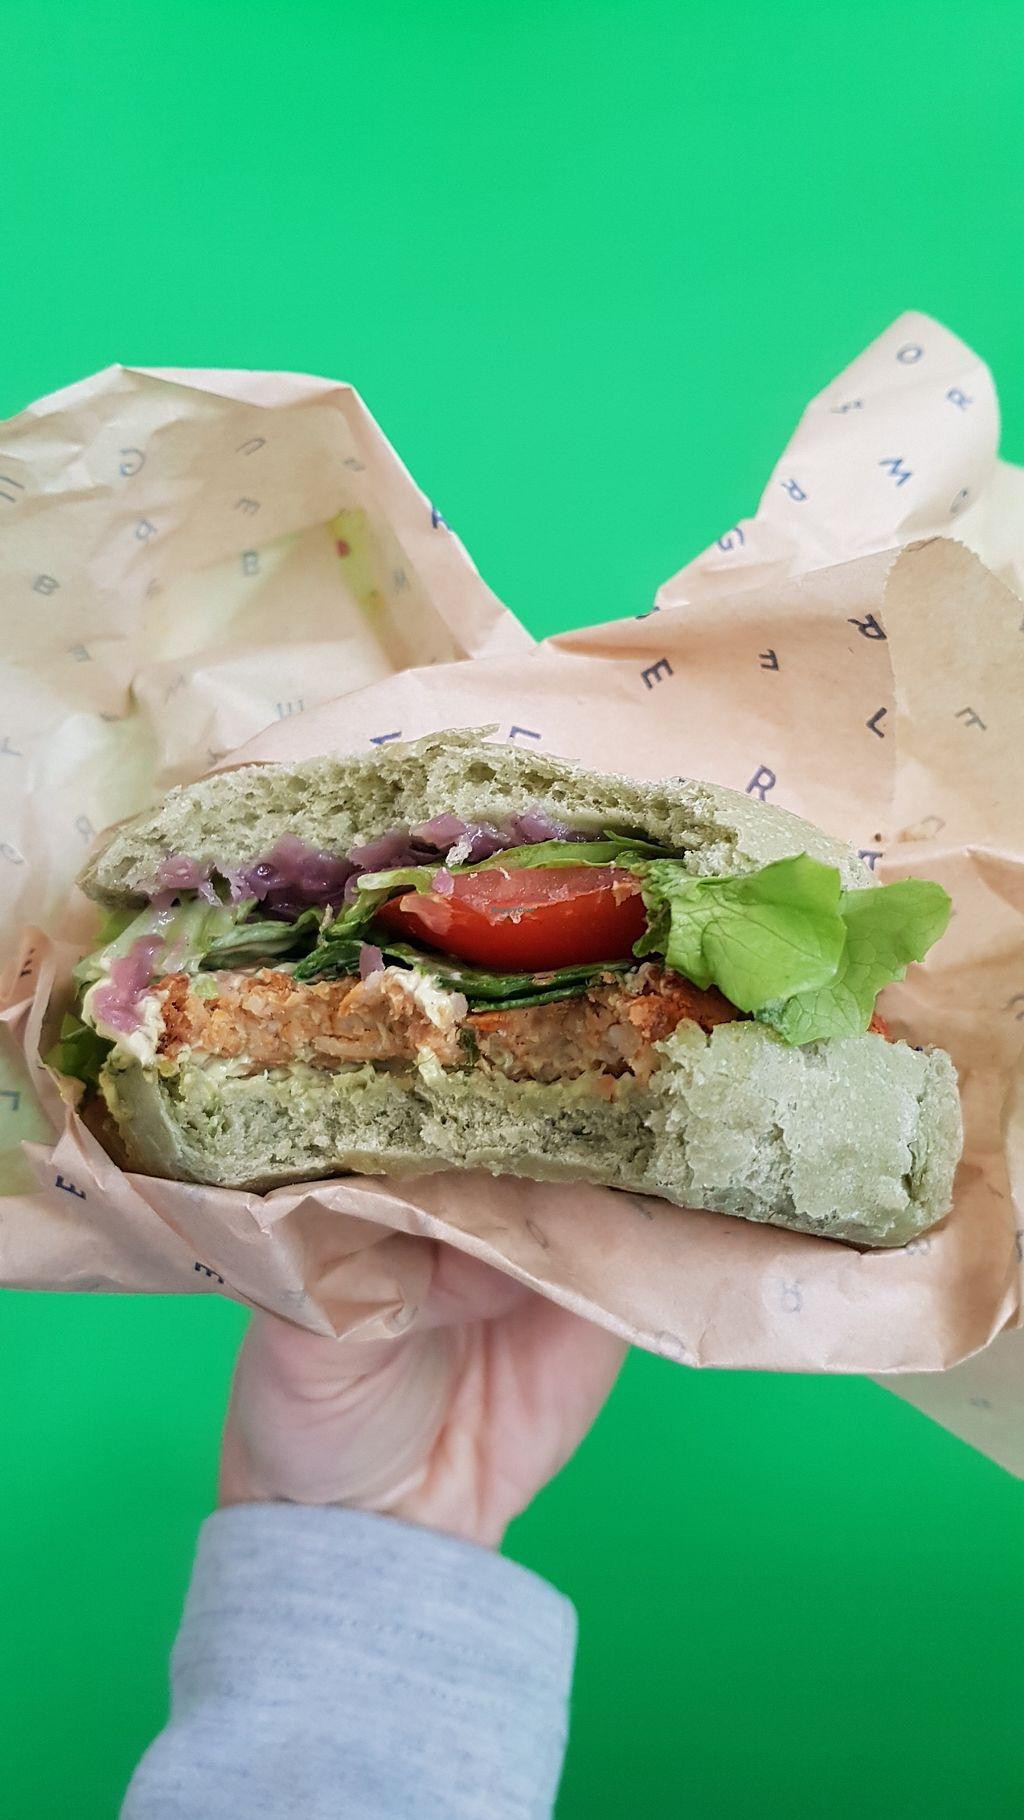 """Photo of Flower Burger  by <a href=""""/members/profile/SimonettaPieroni"""">SimonettaPieroni</a> <br/>Spettacolare questo burger tutto in verde...come la speranza che sempre più persone scelgano un menù cruelty free e veramente sano. E verde...tanto verde...come l'invidia di chi vorrebbe fermare questa golosa rivoluzione d'amore per il pianeta. Peggio per loro! <br/> February 28, 2018  - <a href='/contact/abuse/image/81758/365037'>Report</a>"""